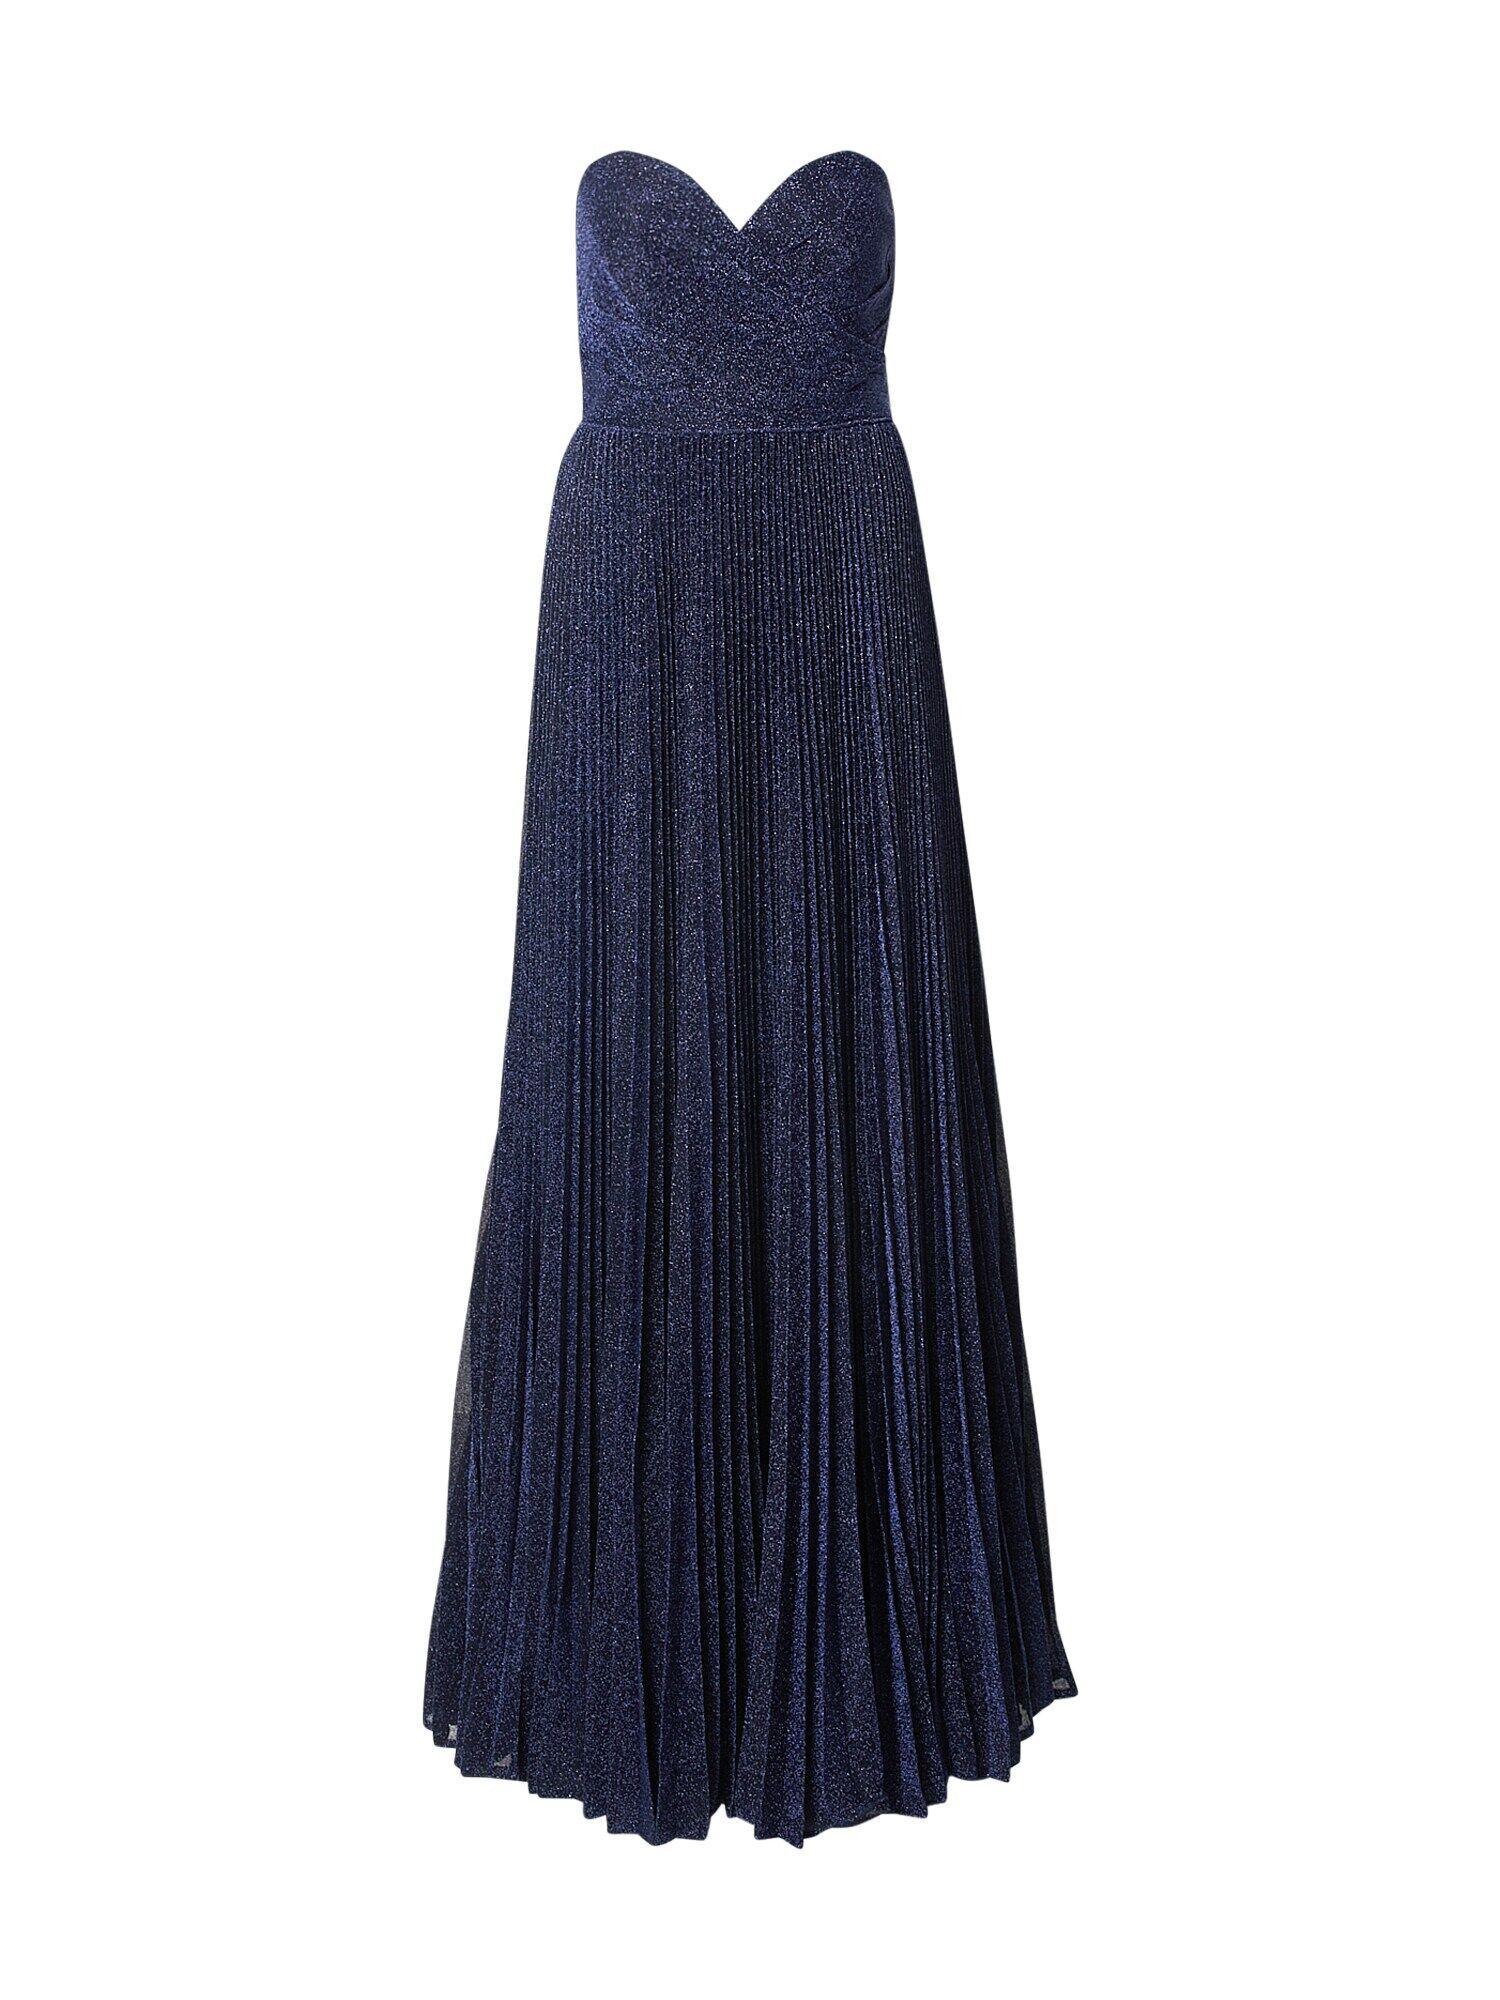 mascara Robe de soirée  - Bleu - Taille: 36 - female